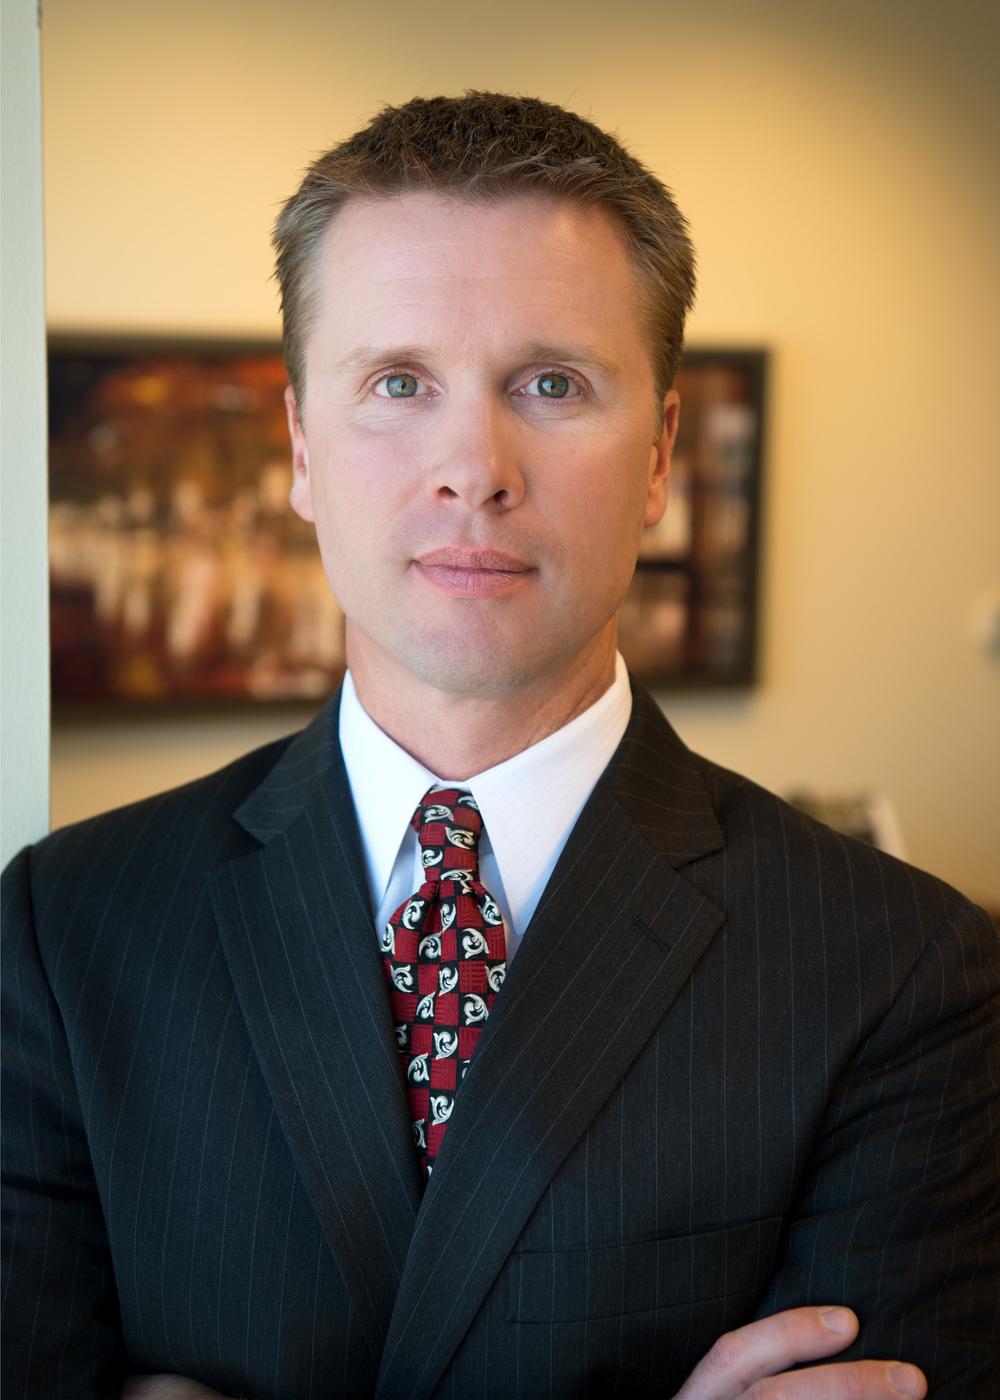 Russell W. Dykstra